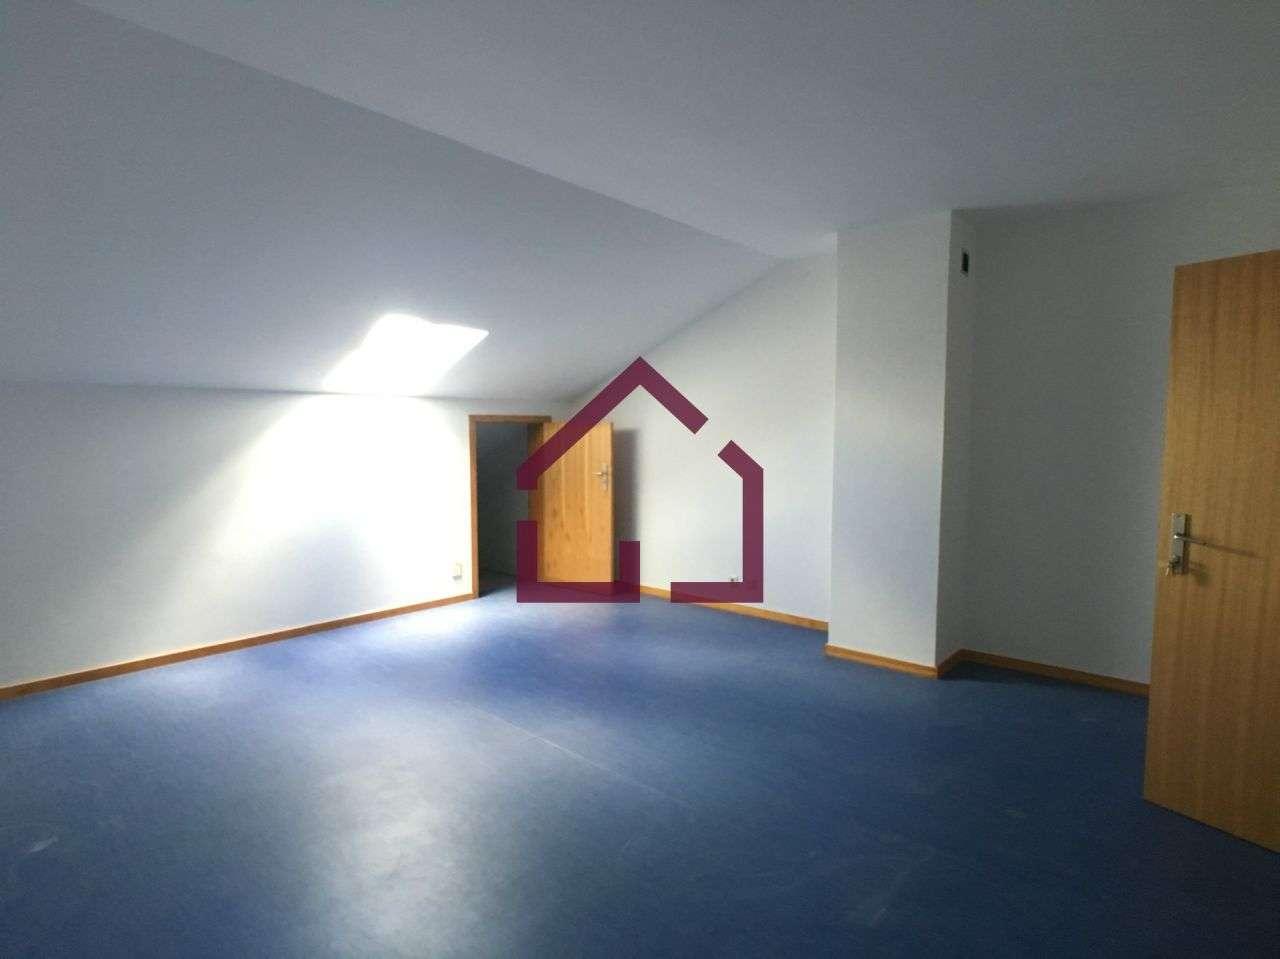 Apartamento para comprar, Santa Maria da Feira, Travanca, Sanfins e Espargo, Aveiro - Foto 13